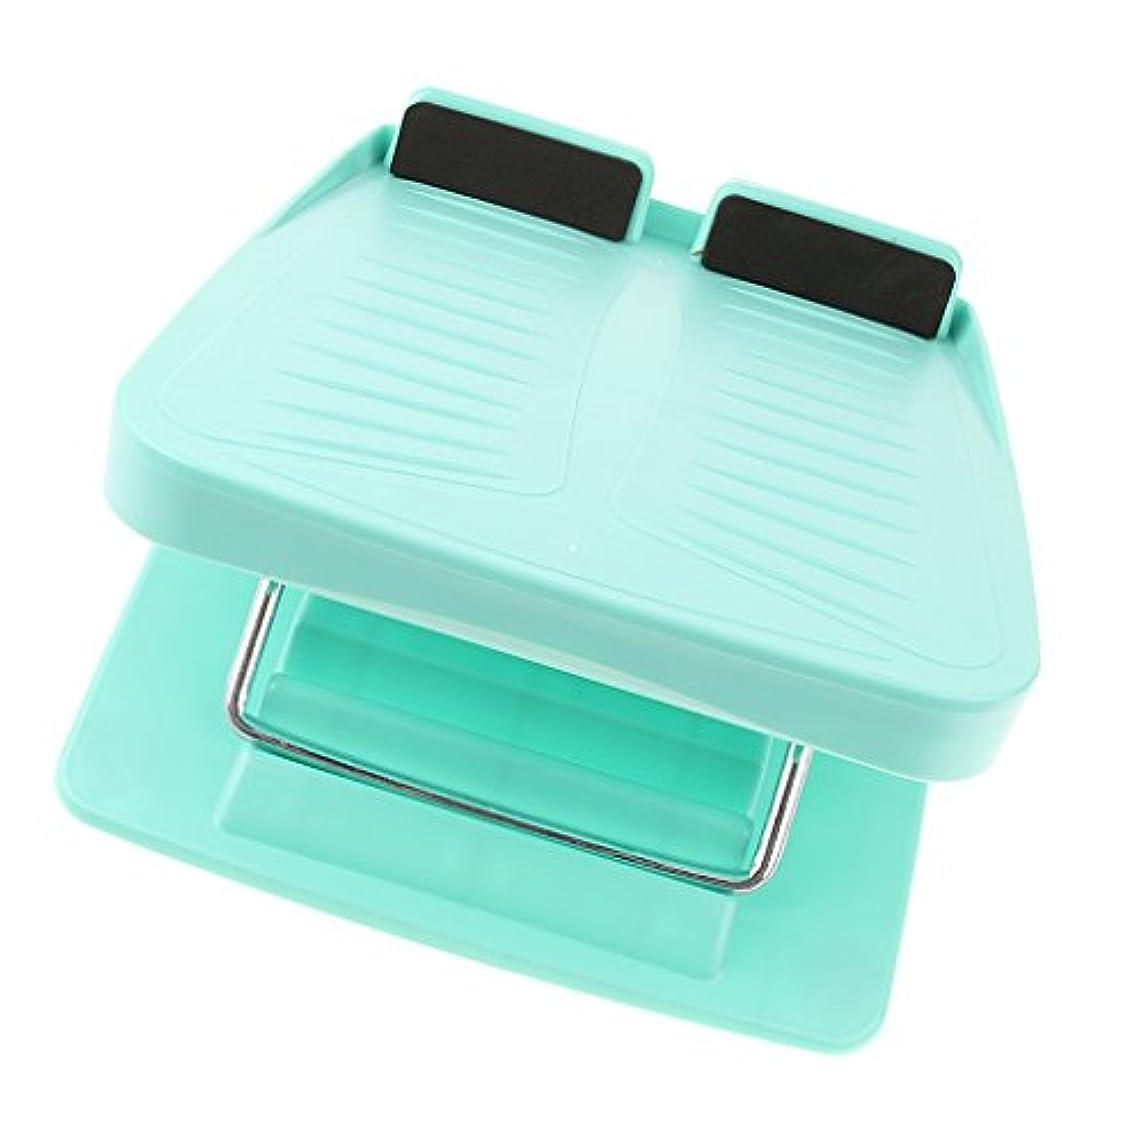 側面胃お風呂を持っているsharprepublic 調整可能 スラントボード アンチスリップ カーフストレッチ 斜面ボード ウェッジストレッチャー 3色 - 青